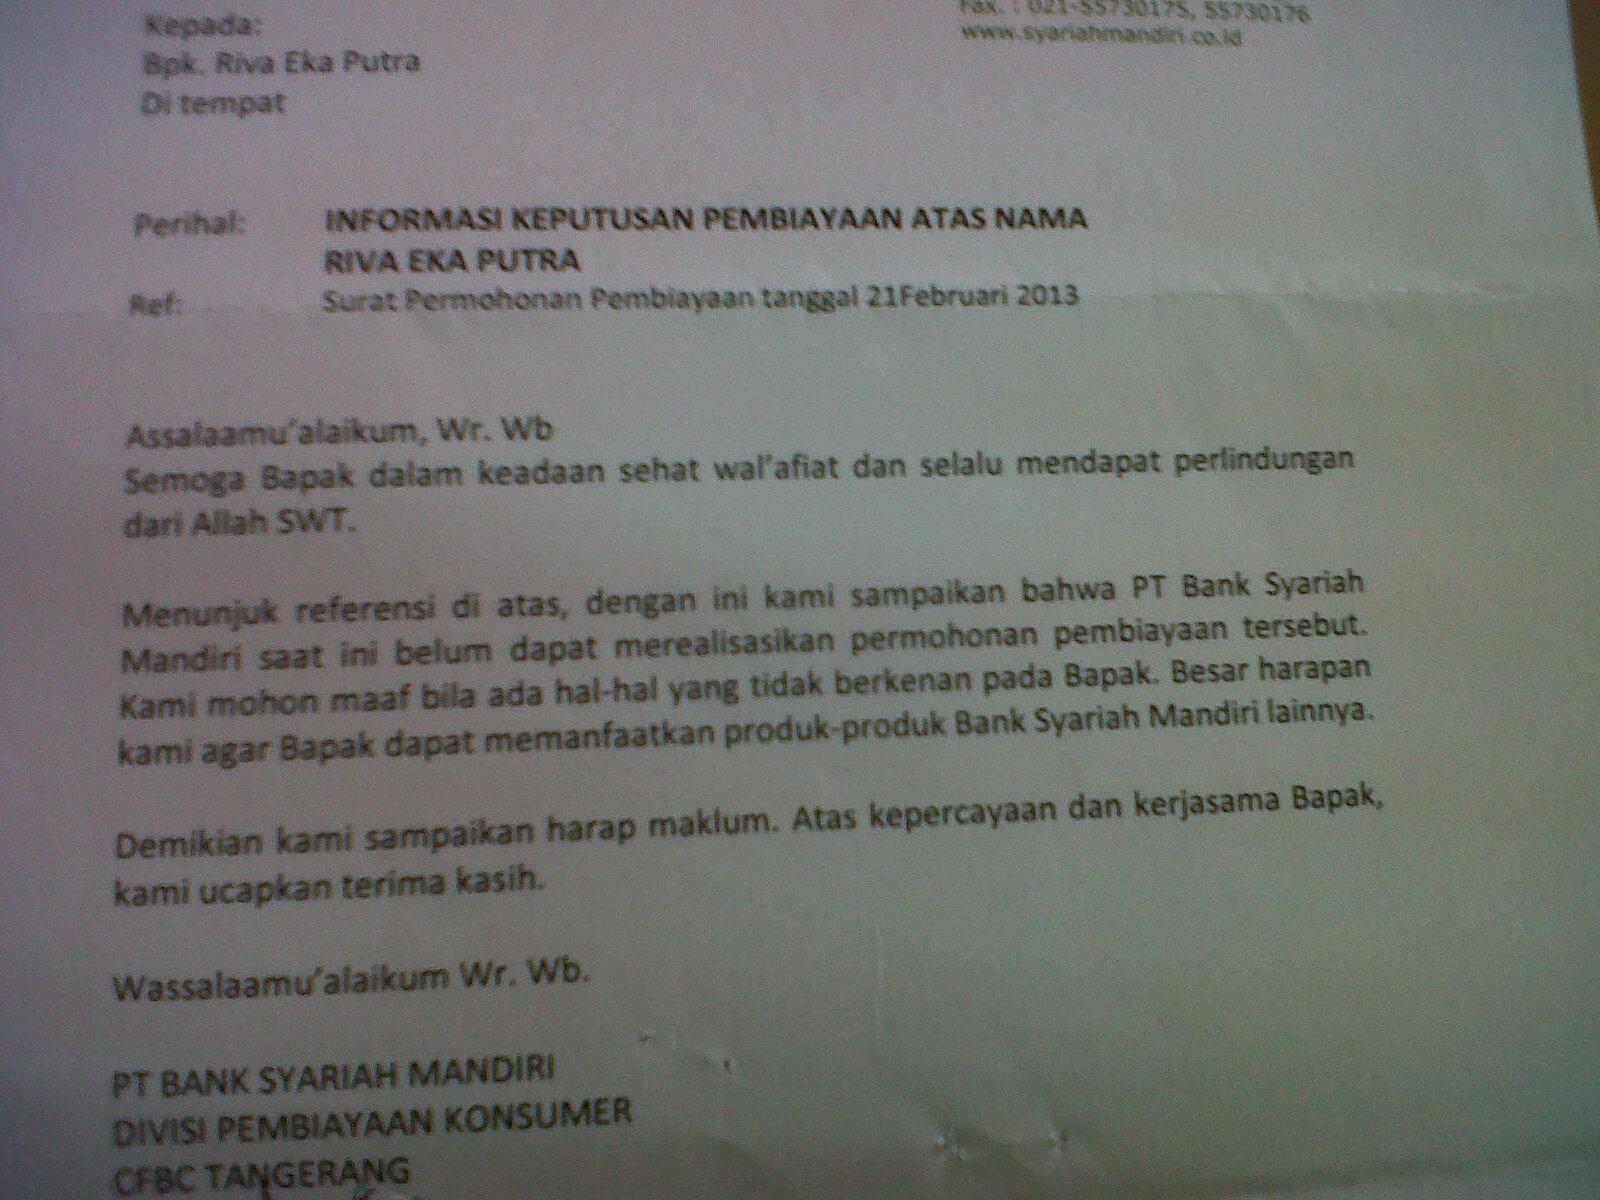 Contoh Surat Penolakan Permohonan Pembiayaan Kpr Dari Bsm Bank Syariah Mandiri Blog Rivaekaputra Com